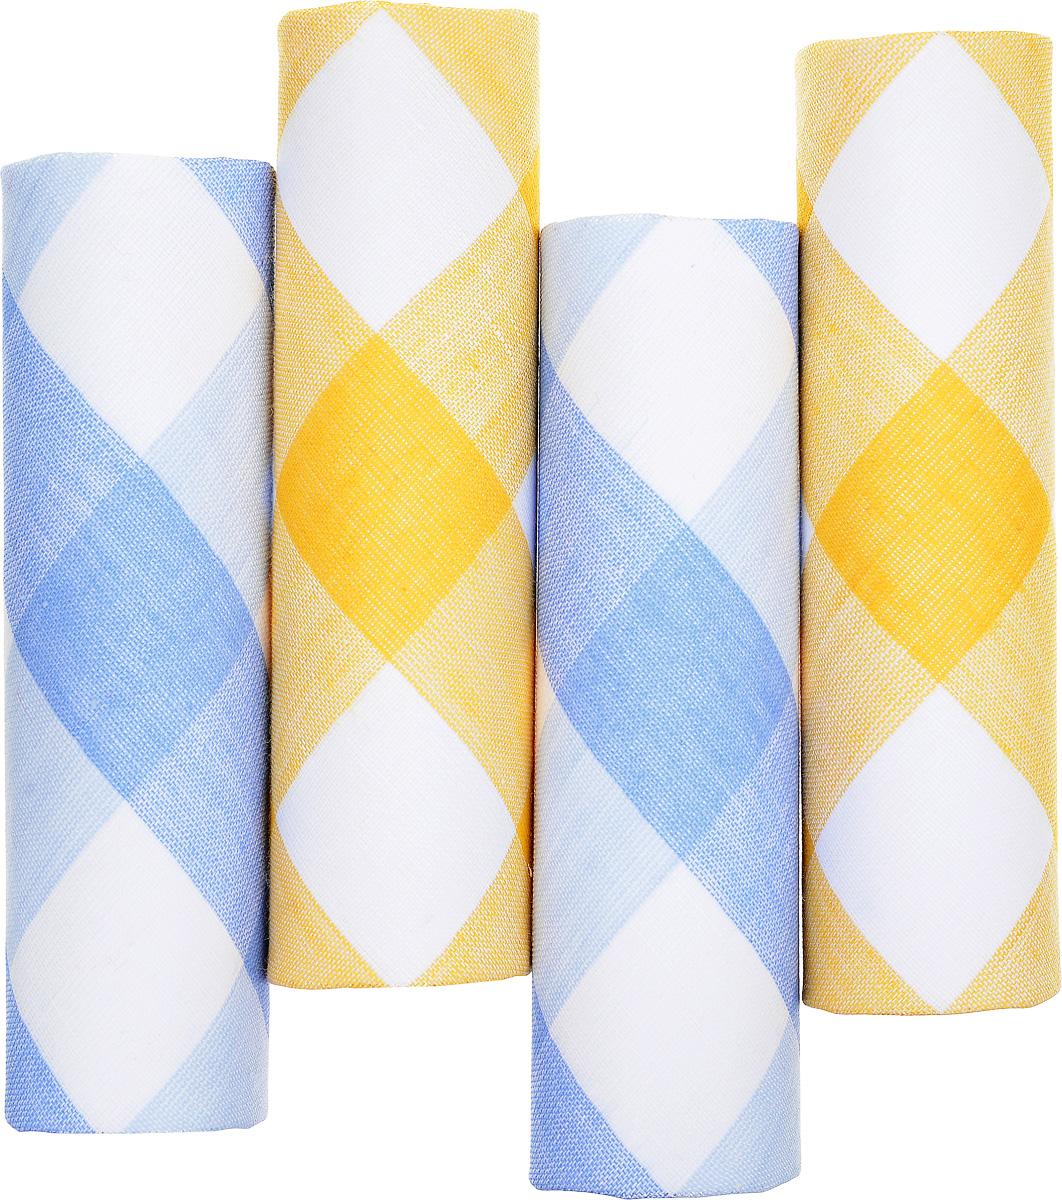 Платок носовой женский Zlata Korunka, цвет: белый, желтый, голубой. 71420-16. Размер 29 х 29 см, 4 шт39864|Серьги с подвескамиНосовой платок Zlata Korunka изготовлен из высококачественного натурального хлопка, благодаря чему приятен в использовании, хорошо стирается, не садится и отлично впитывает влагу. Практичный и изящный носовой платок будет незаменим в повседневной жизни любого современного человека. Такой платок послужит стильным аксессуаром и подчеркнет ваше превосходное чувство вкуса.В комплекте 4 платка.